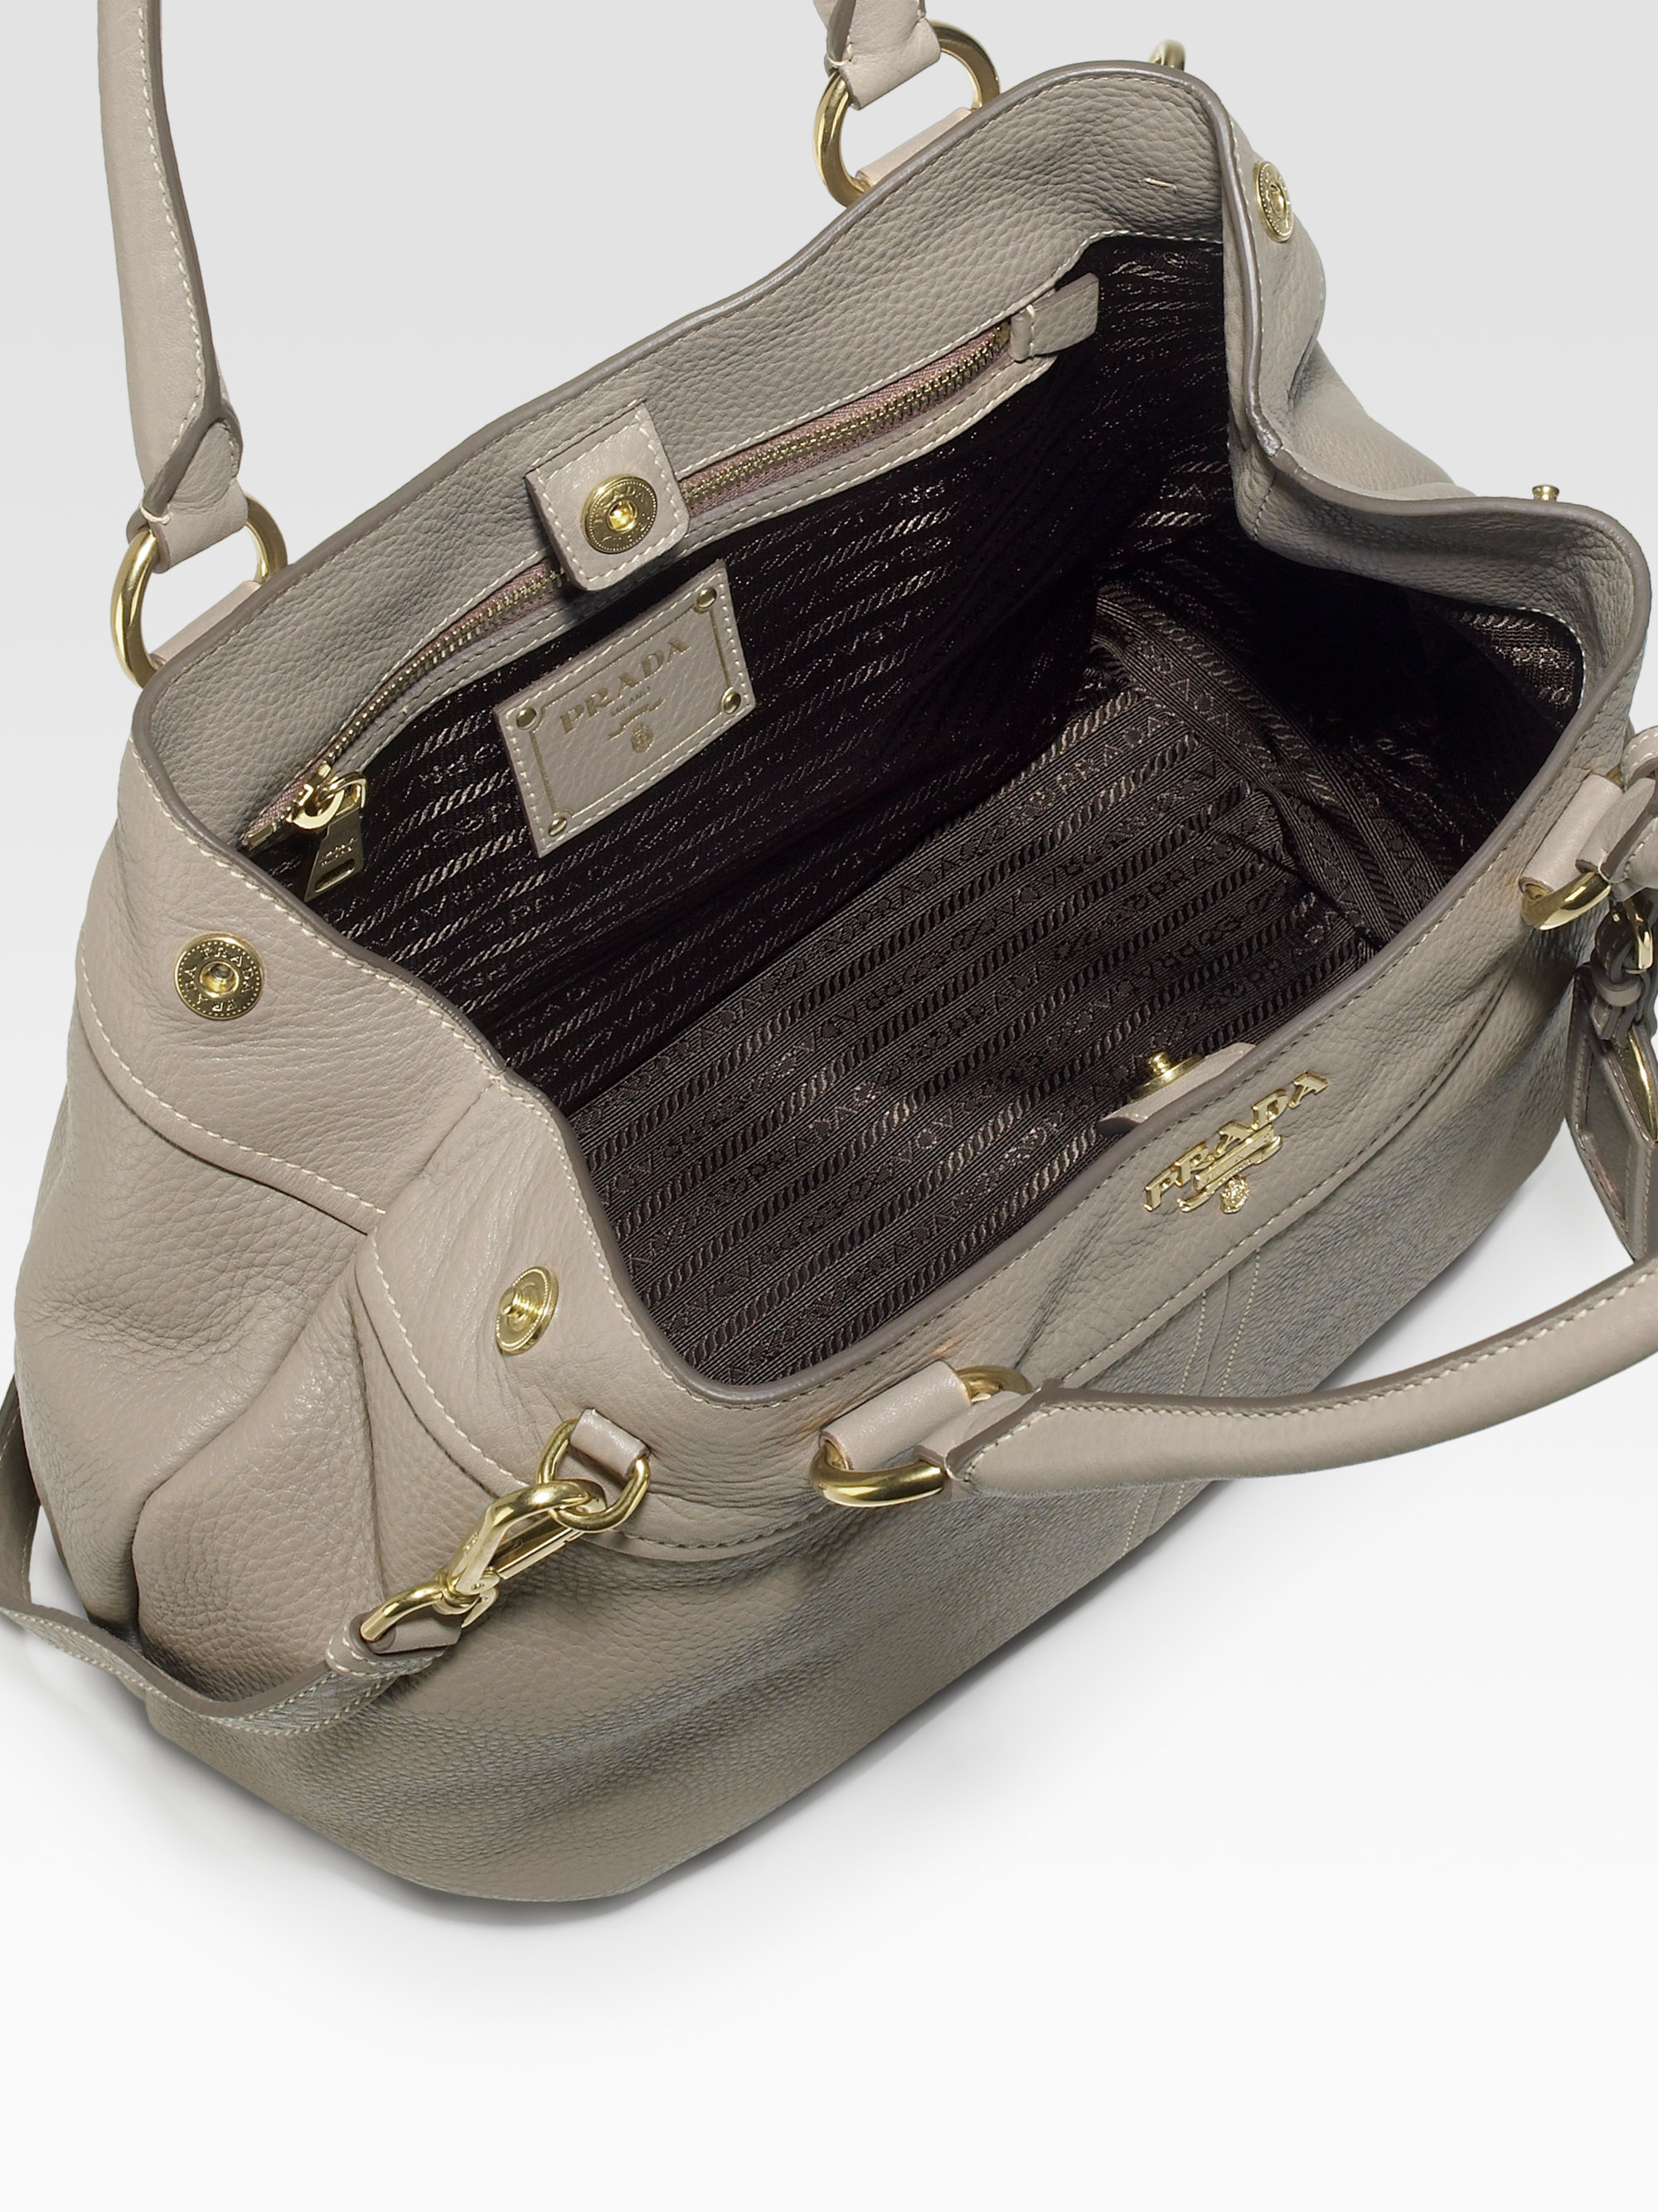 prada wallets for sale - prada tessuto saffiano satchel, prada new arrival handbags